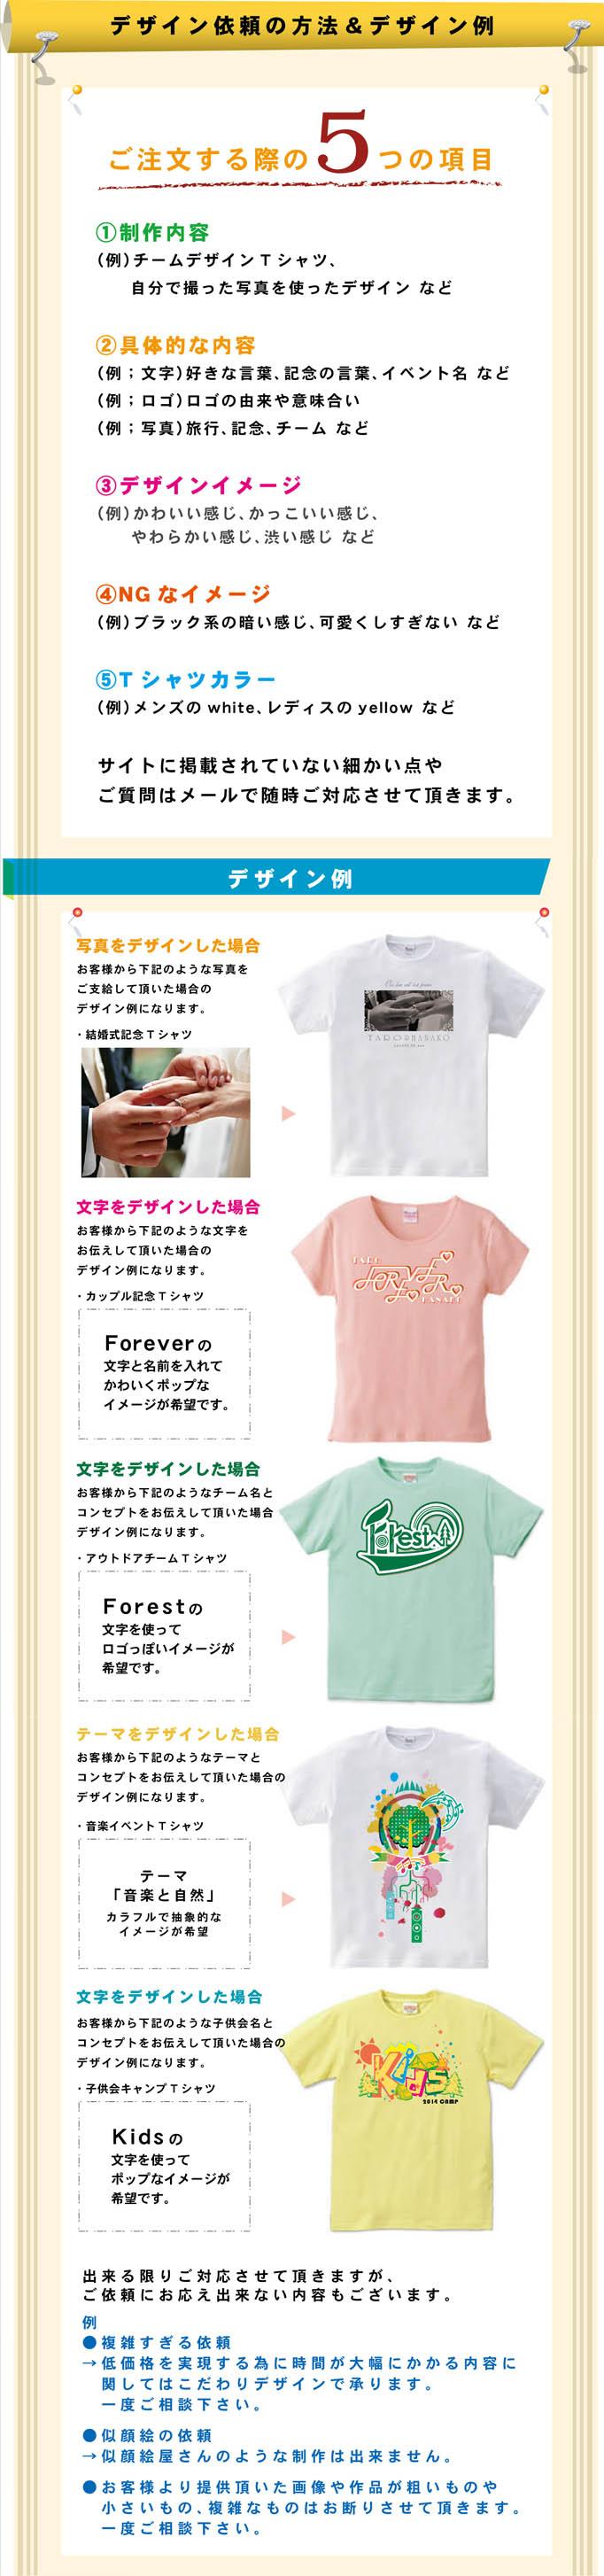 オリジナルTシャツ5つのポイントとデザイン例